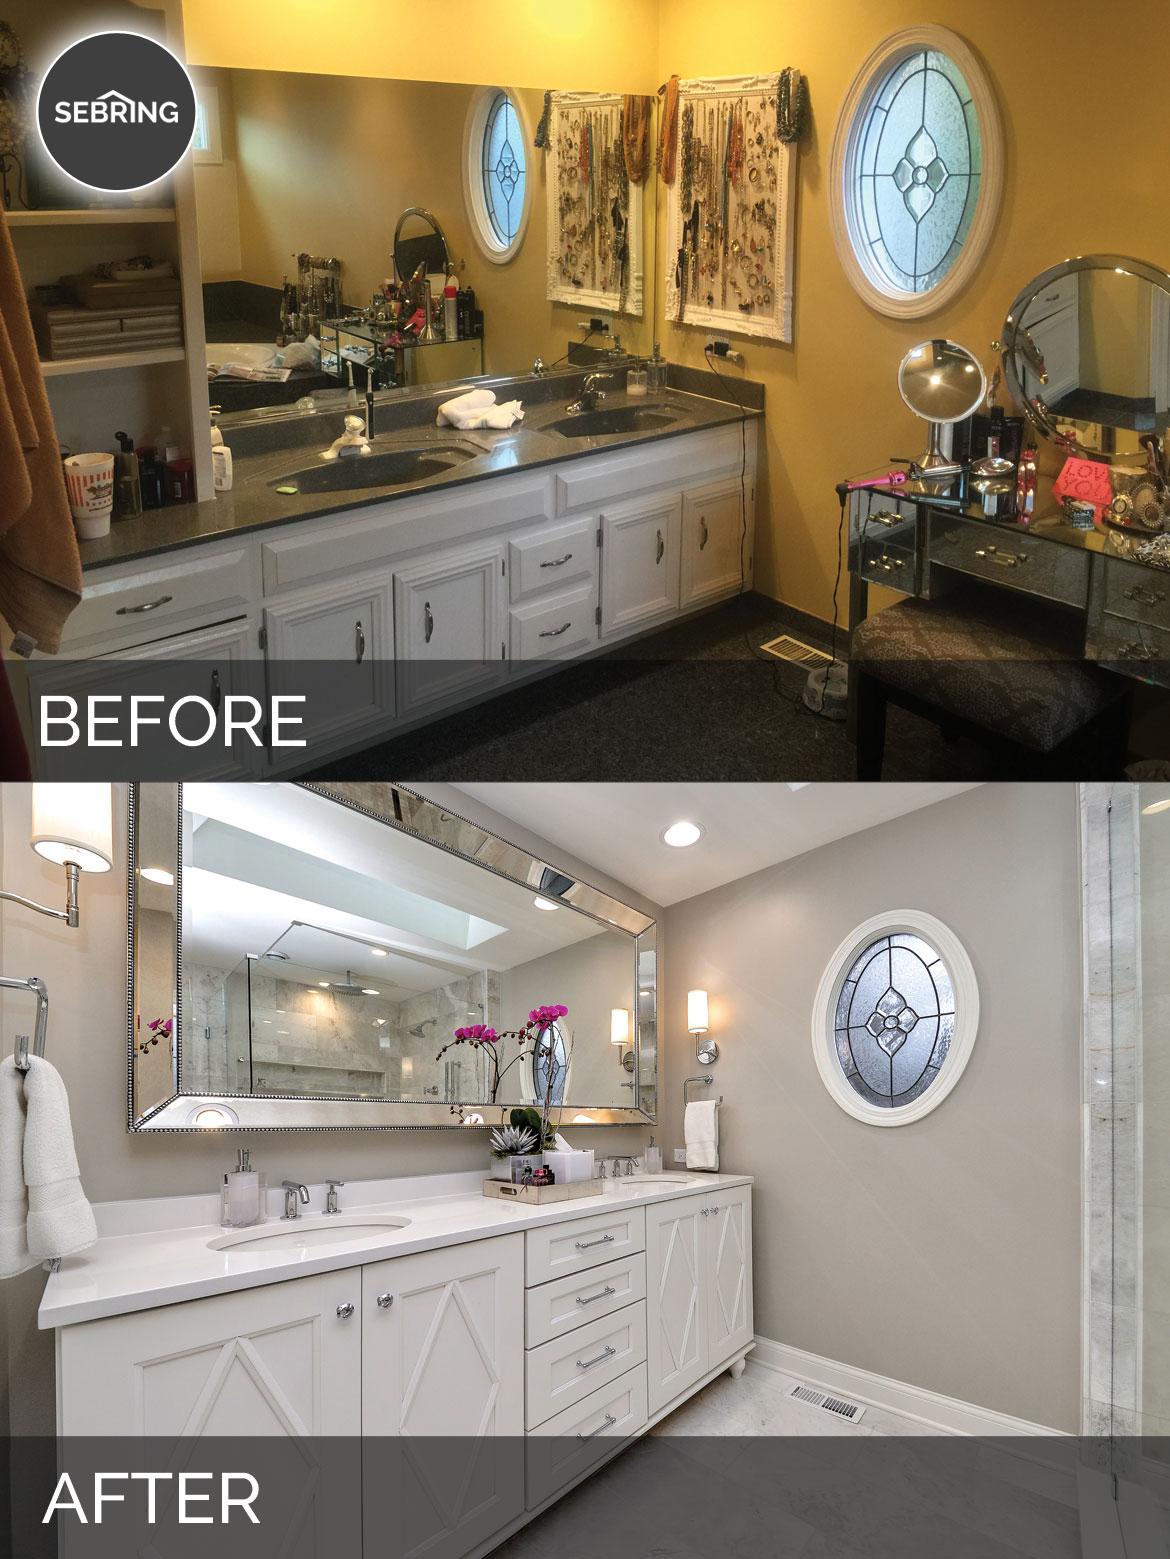 Master Bathroom Remodel Aurora Before & After - Sebring Design Build